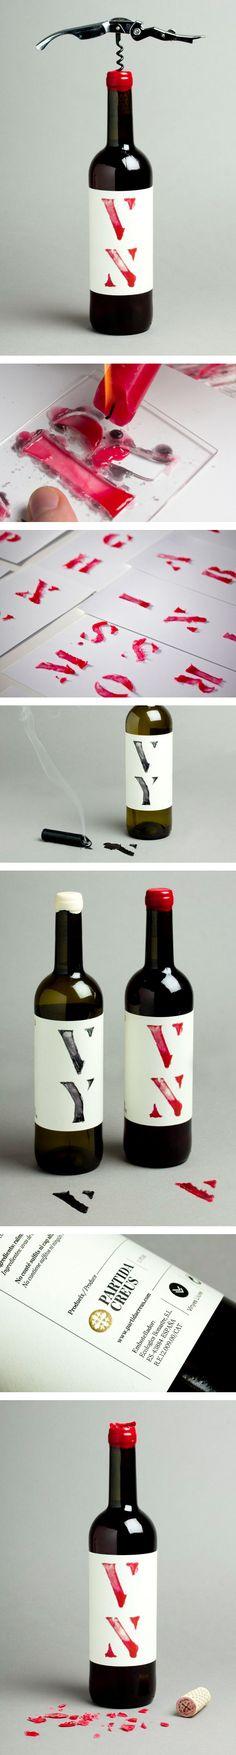 PARTIDA CREUS Wines Limited Edition by Lo Siento #taninotanino #vinosmaximum